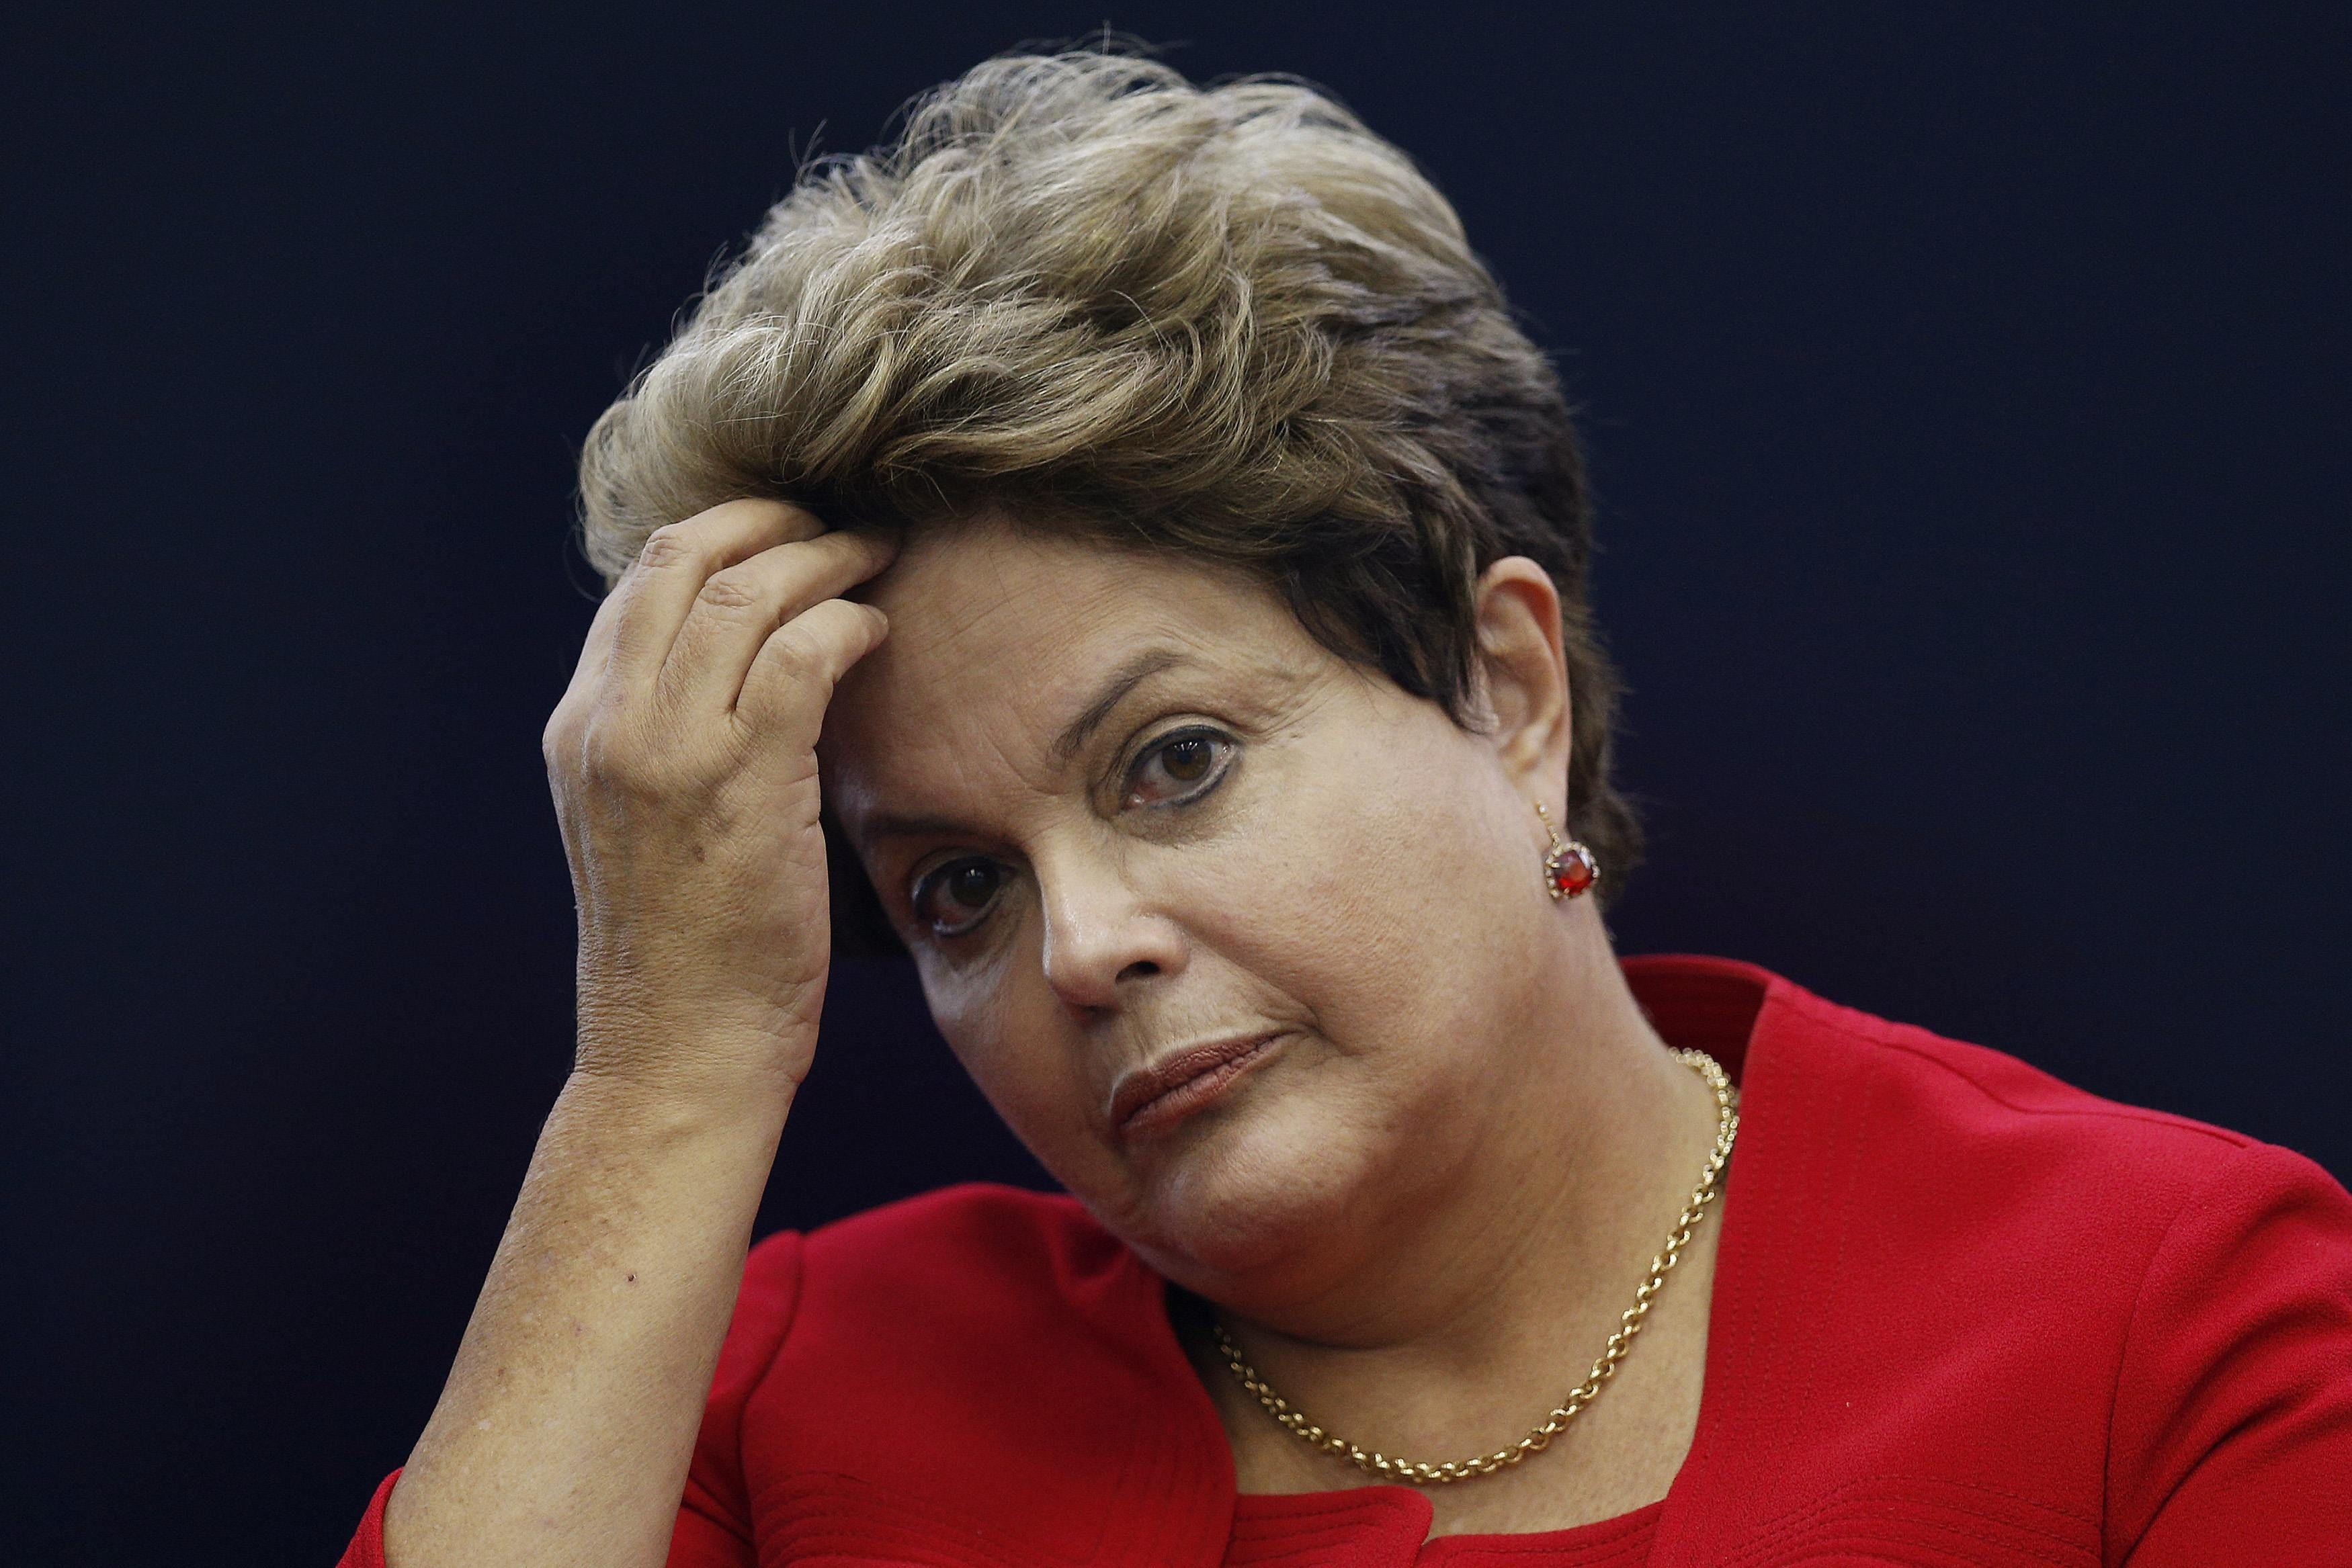 La oposición aumenta la presión sobre Rousseff tras la polémica con Lula